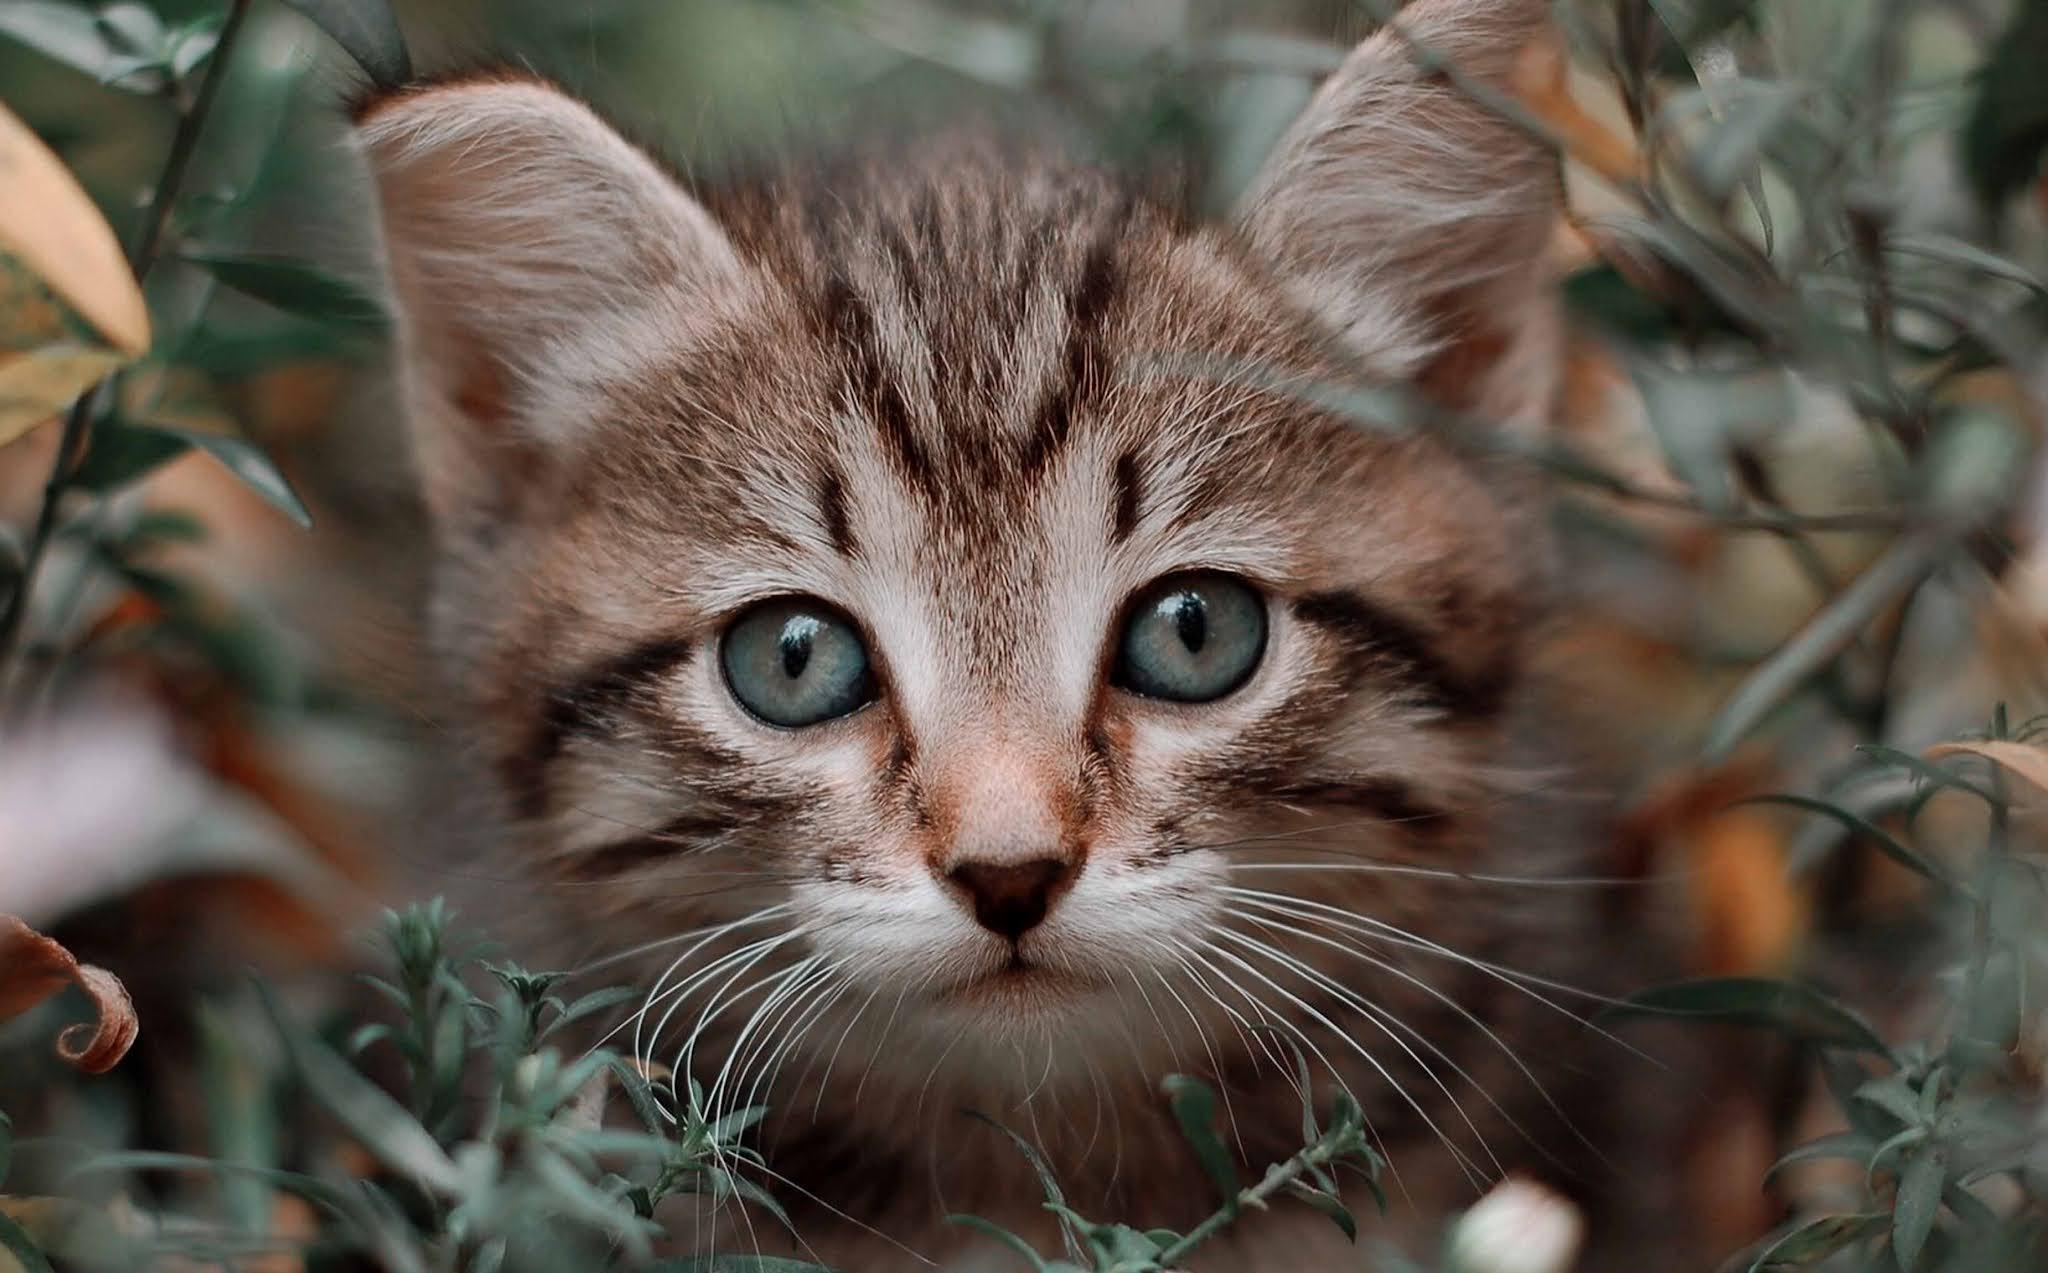 20 wallpaper image kitten, wild cat, cat, grin, grass, walk wallpaper, background Ultra HD 4K 5K 8K for Computer Desktop